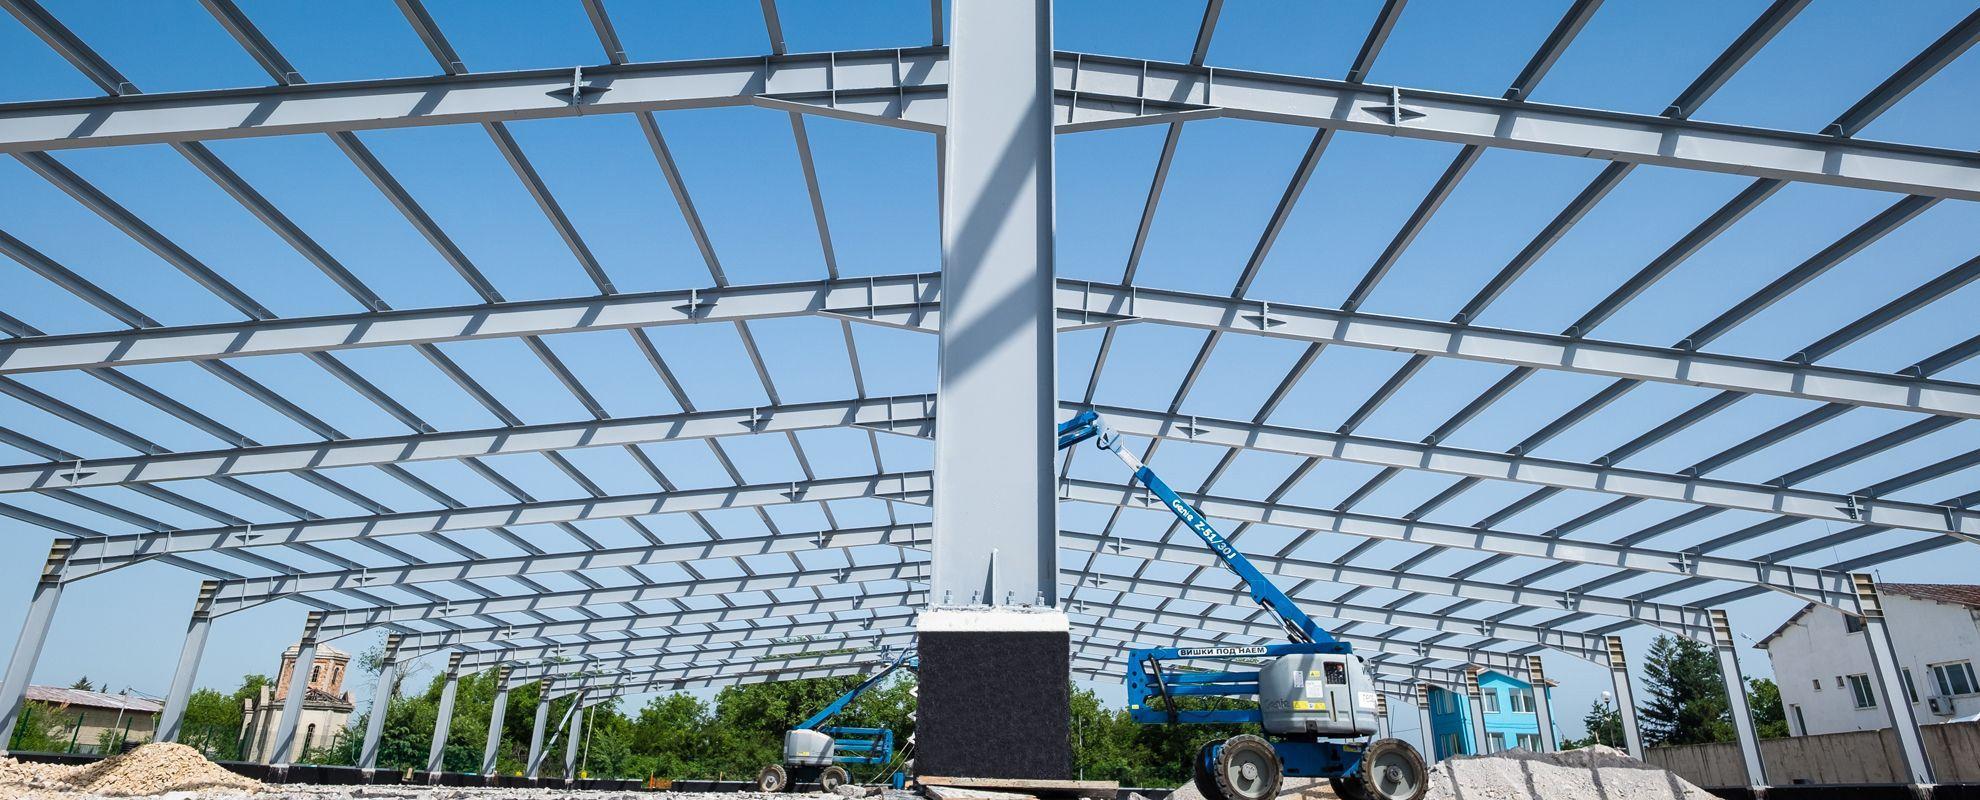 Производство и монтаж на стоманени конструкции за сгради